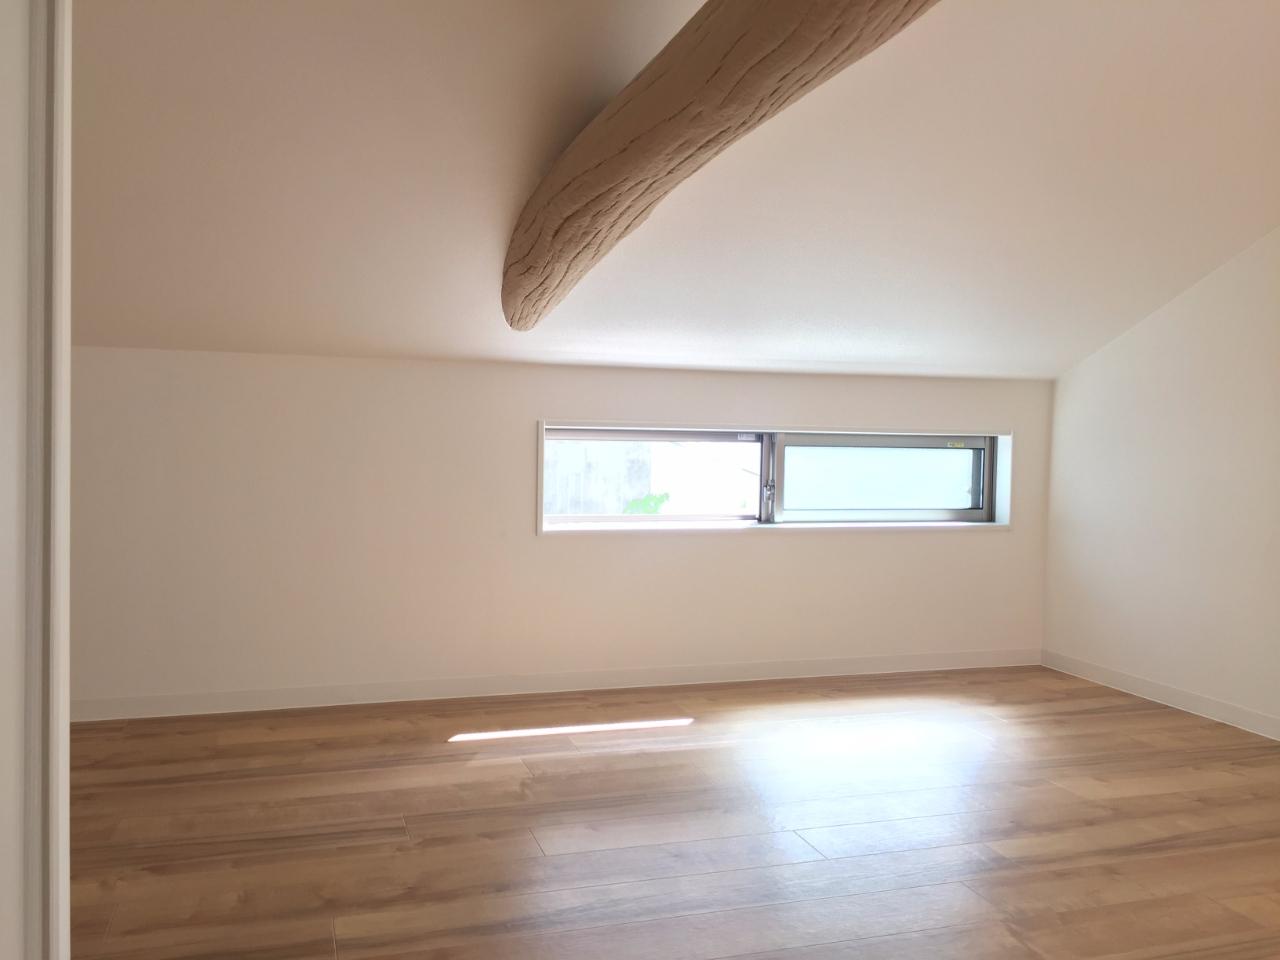 3階には、印象的な1本の梁が通っています。屋根裏部屋に暮らしているような気分になれますよ。